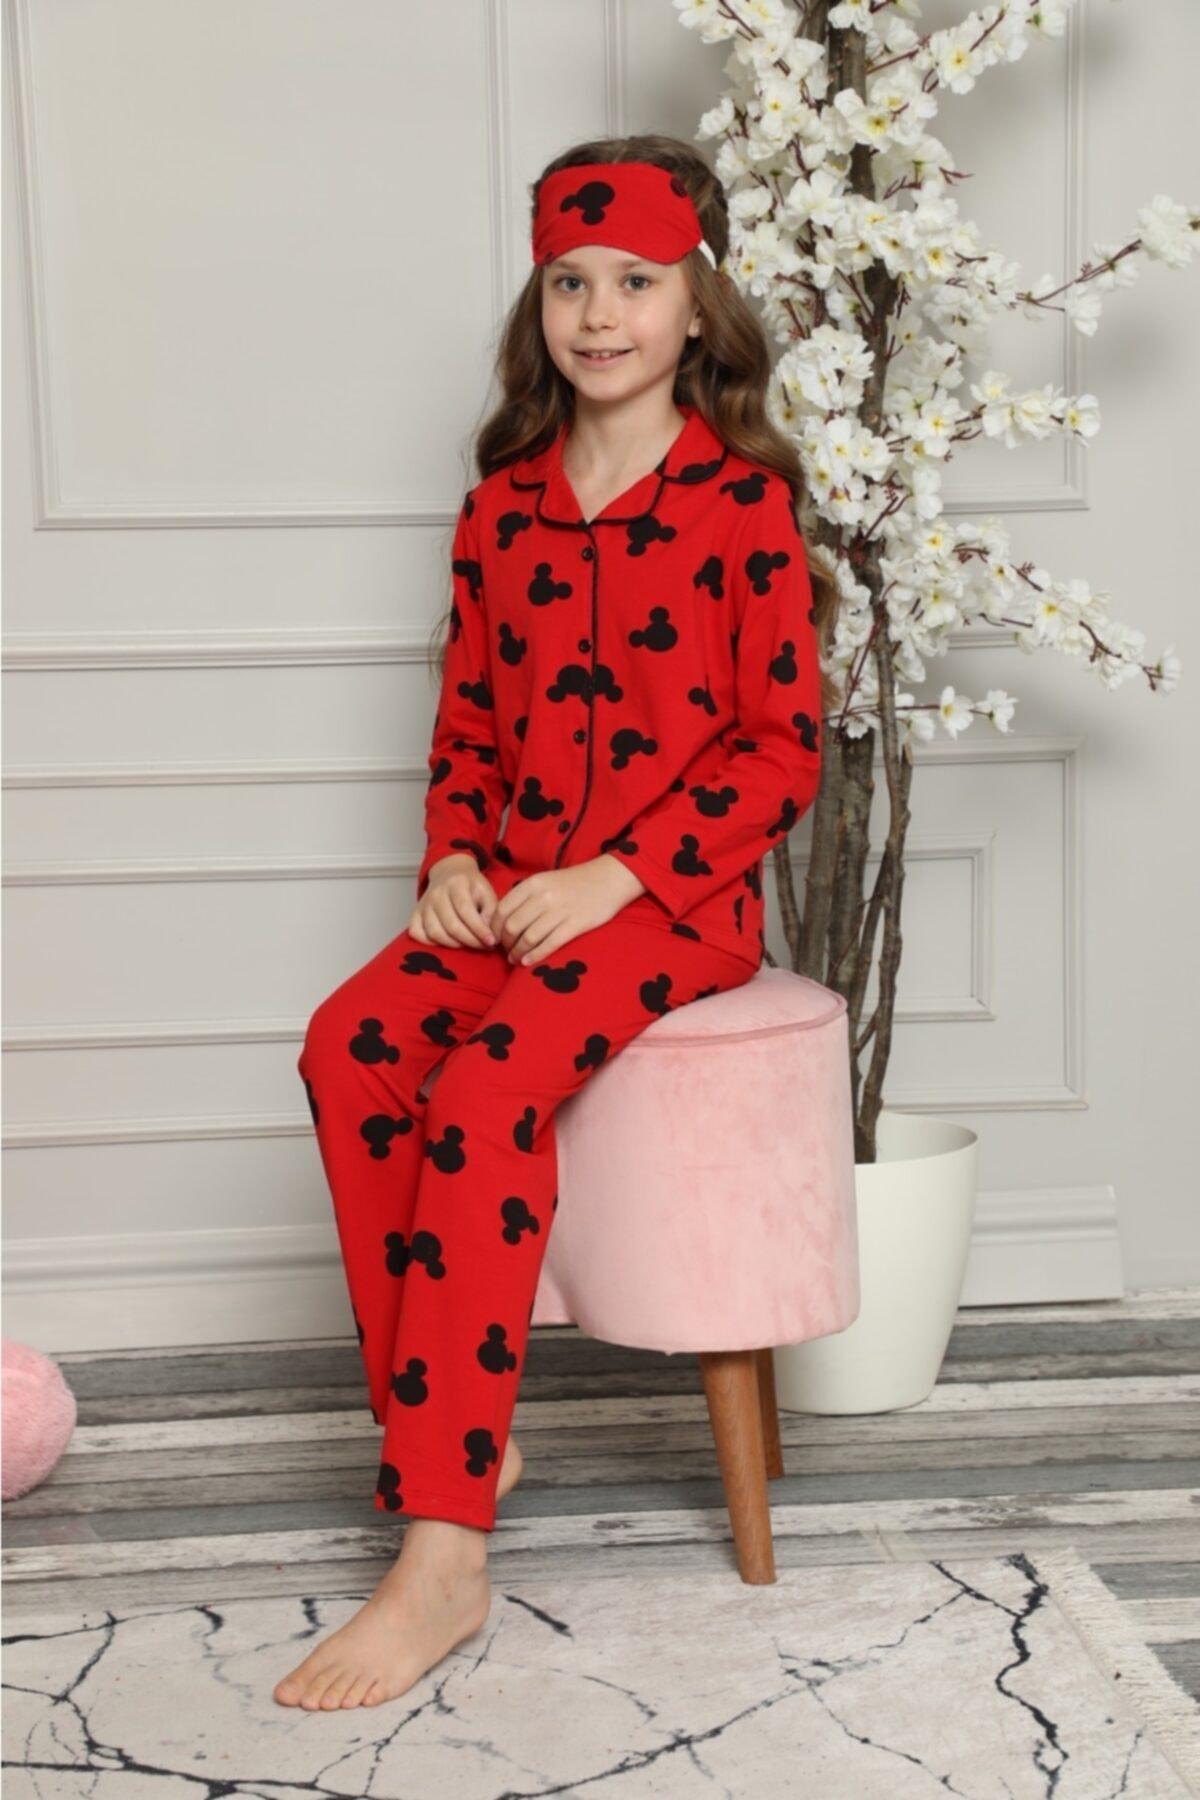 Kız Çocuk Mickey Desenli Pijama Takımı Göz Bandı Dahildir Yeni Sezon Kırmızı Renk